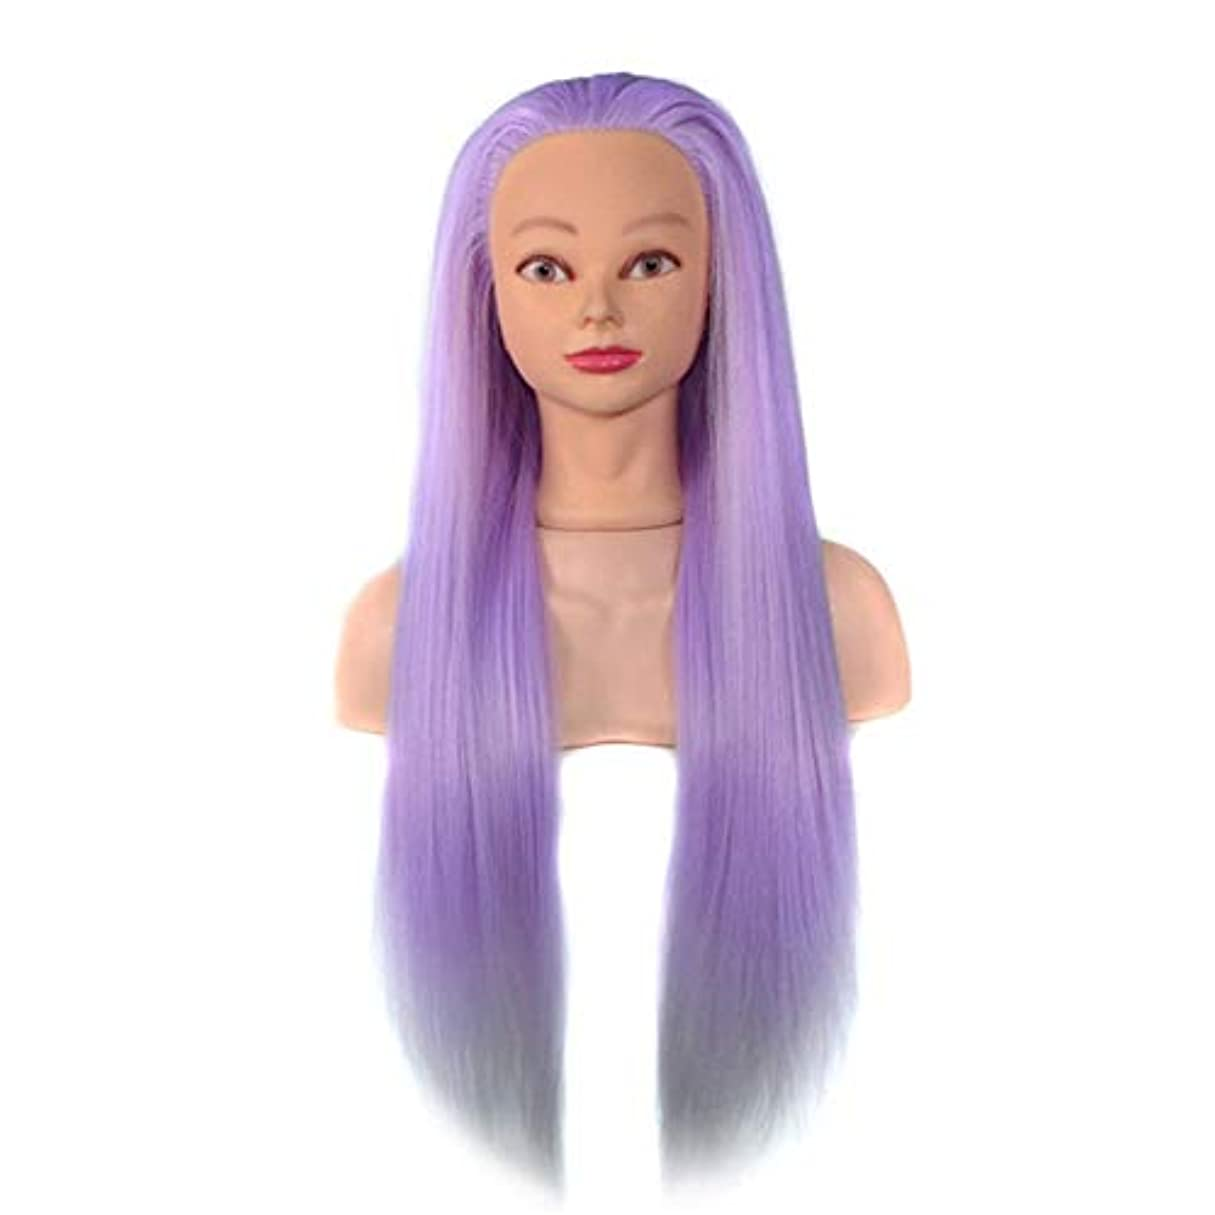 だます不道徳独立してヘアサロンスタイリング練習ヘッドモデル美容院高温シルク花嫁編組トレーニングヘッド人体モデル人形モデル60センチ,Purple